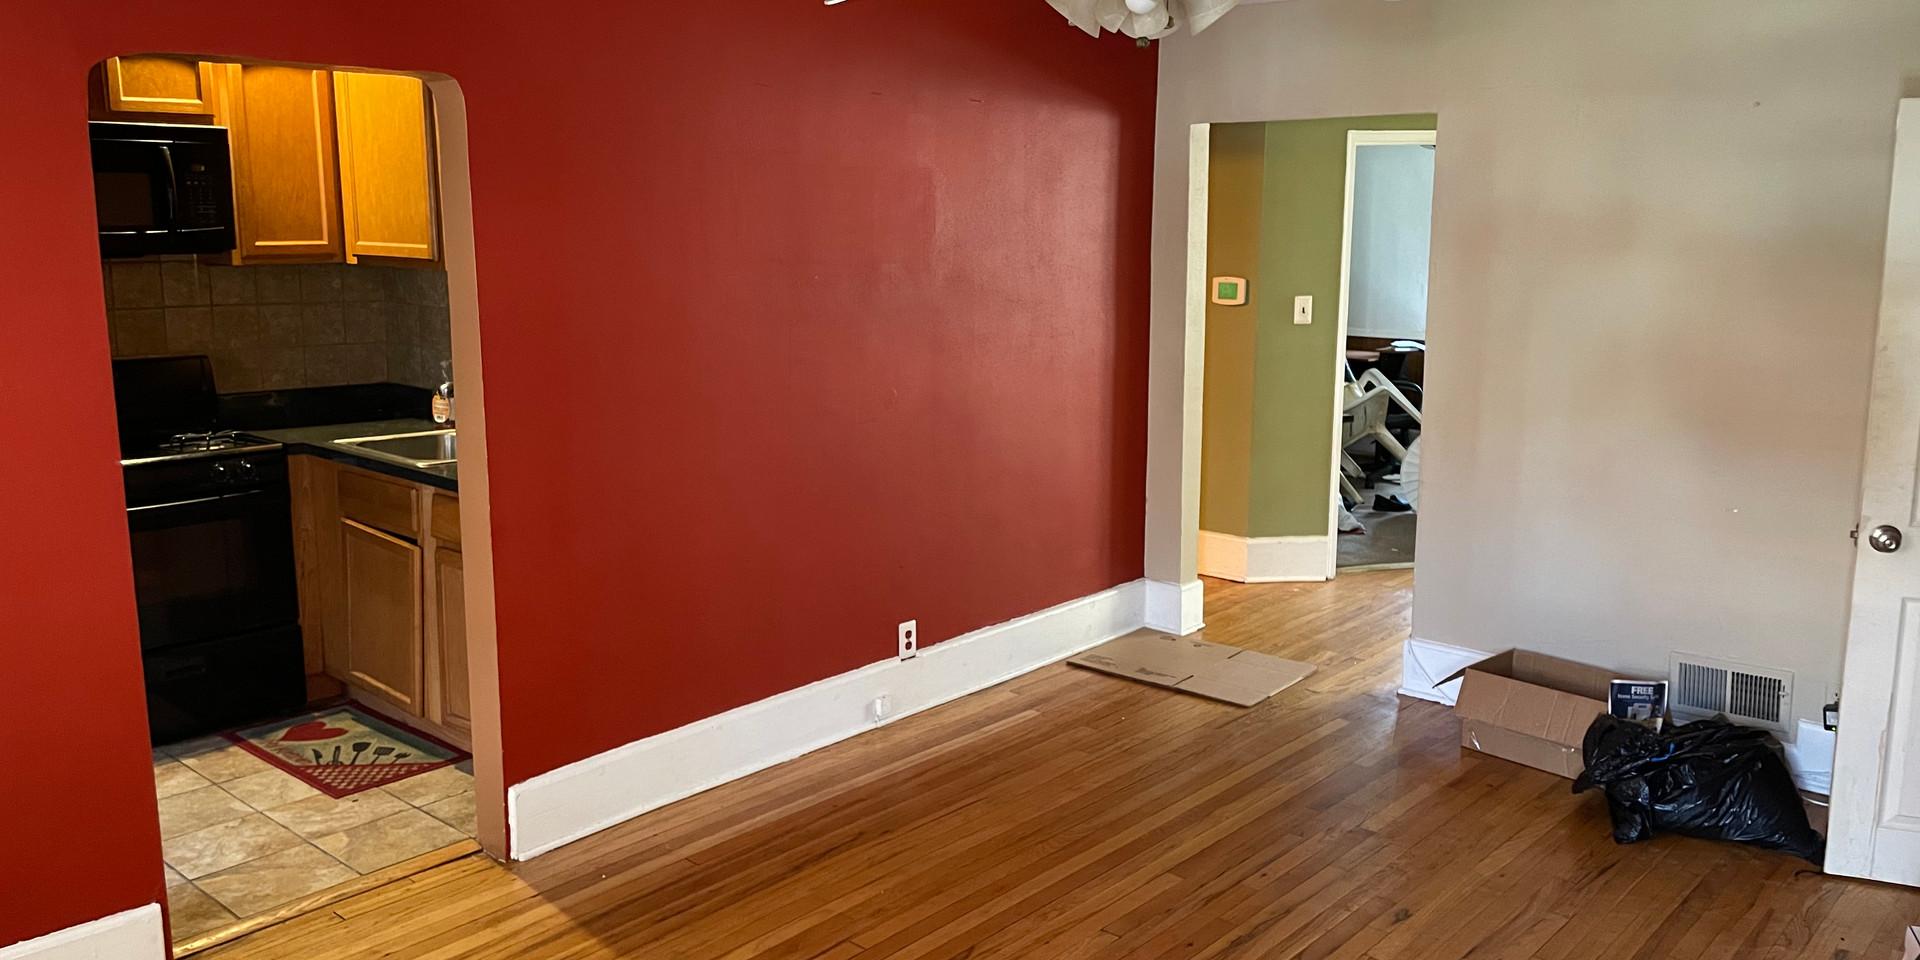 02 - Living Room.jpg